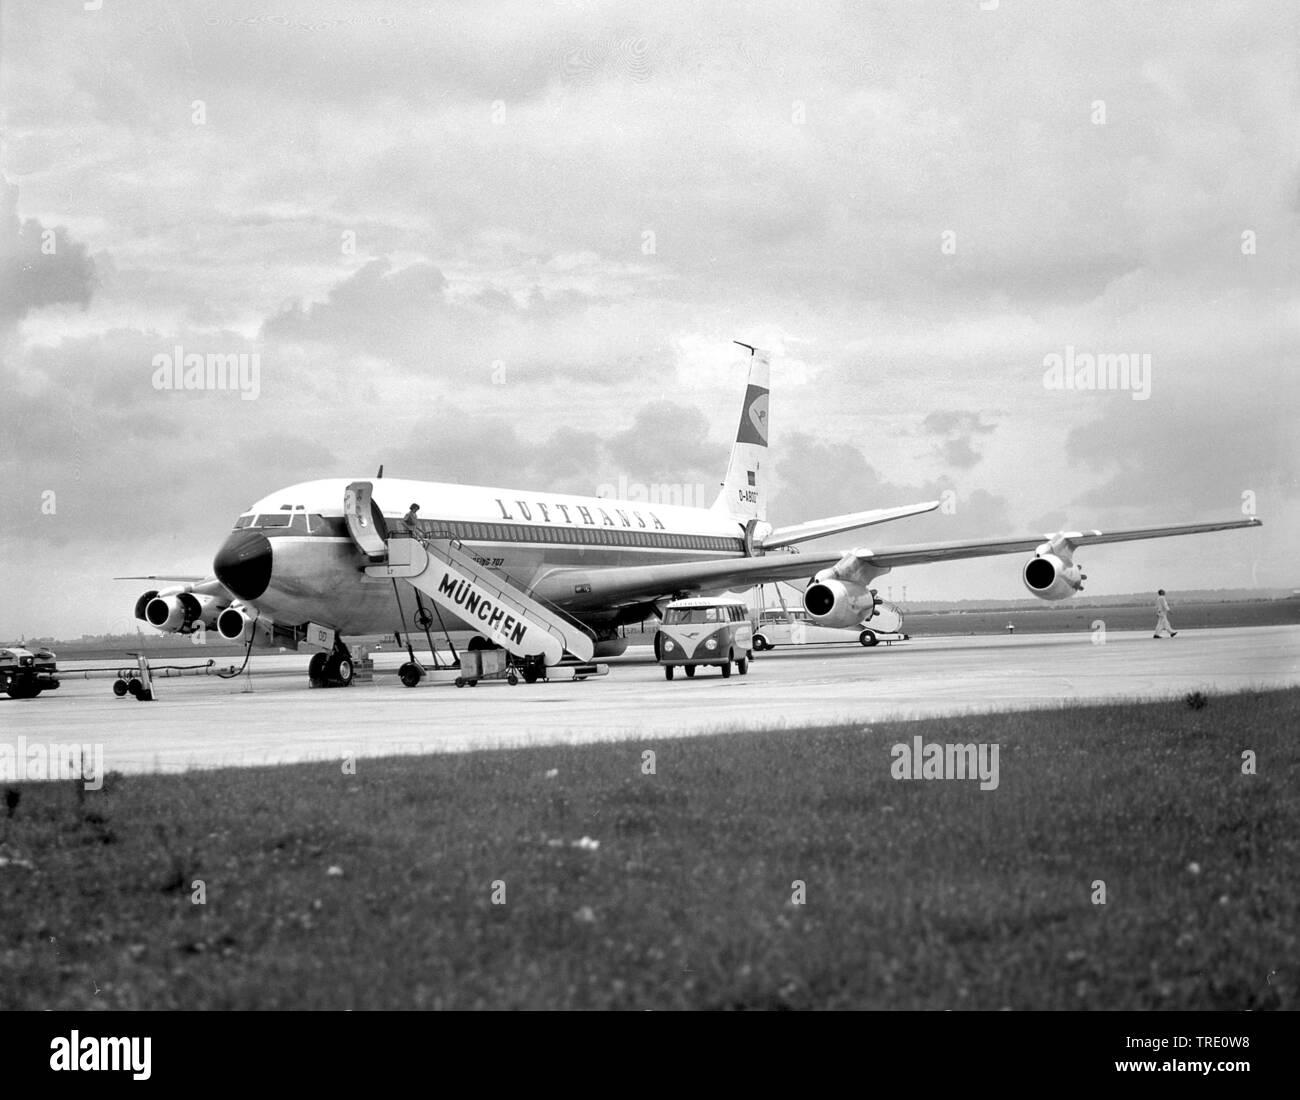 Lufthansa Boeing 707 am Flughafen Muenchen-Riem, historisches Bild vom 25.06.1963, Deutschland, Bayern, Muenchen | Lufthansa Boeing 707 on airport Mun - Stock Image